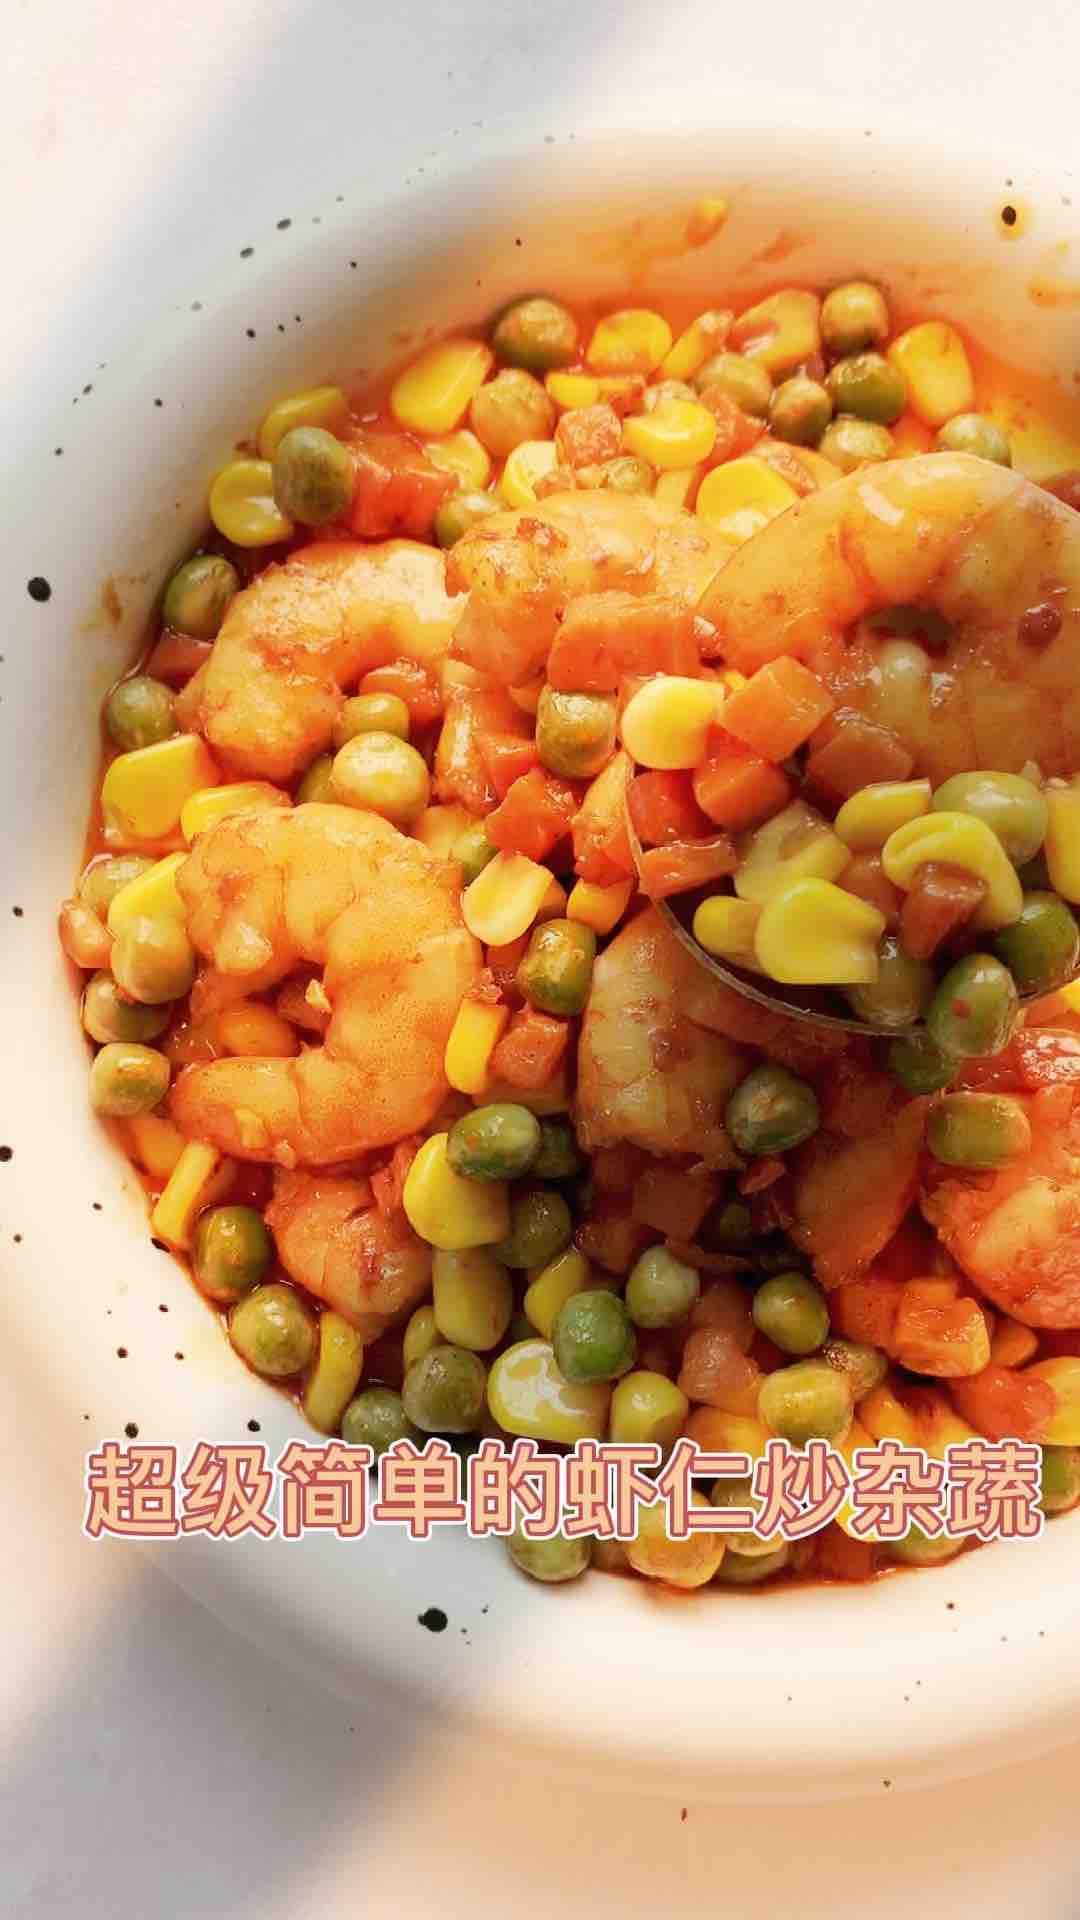 分分钟光盘❗️虾仁炒杂蔬的做法